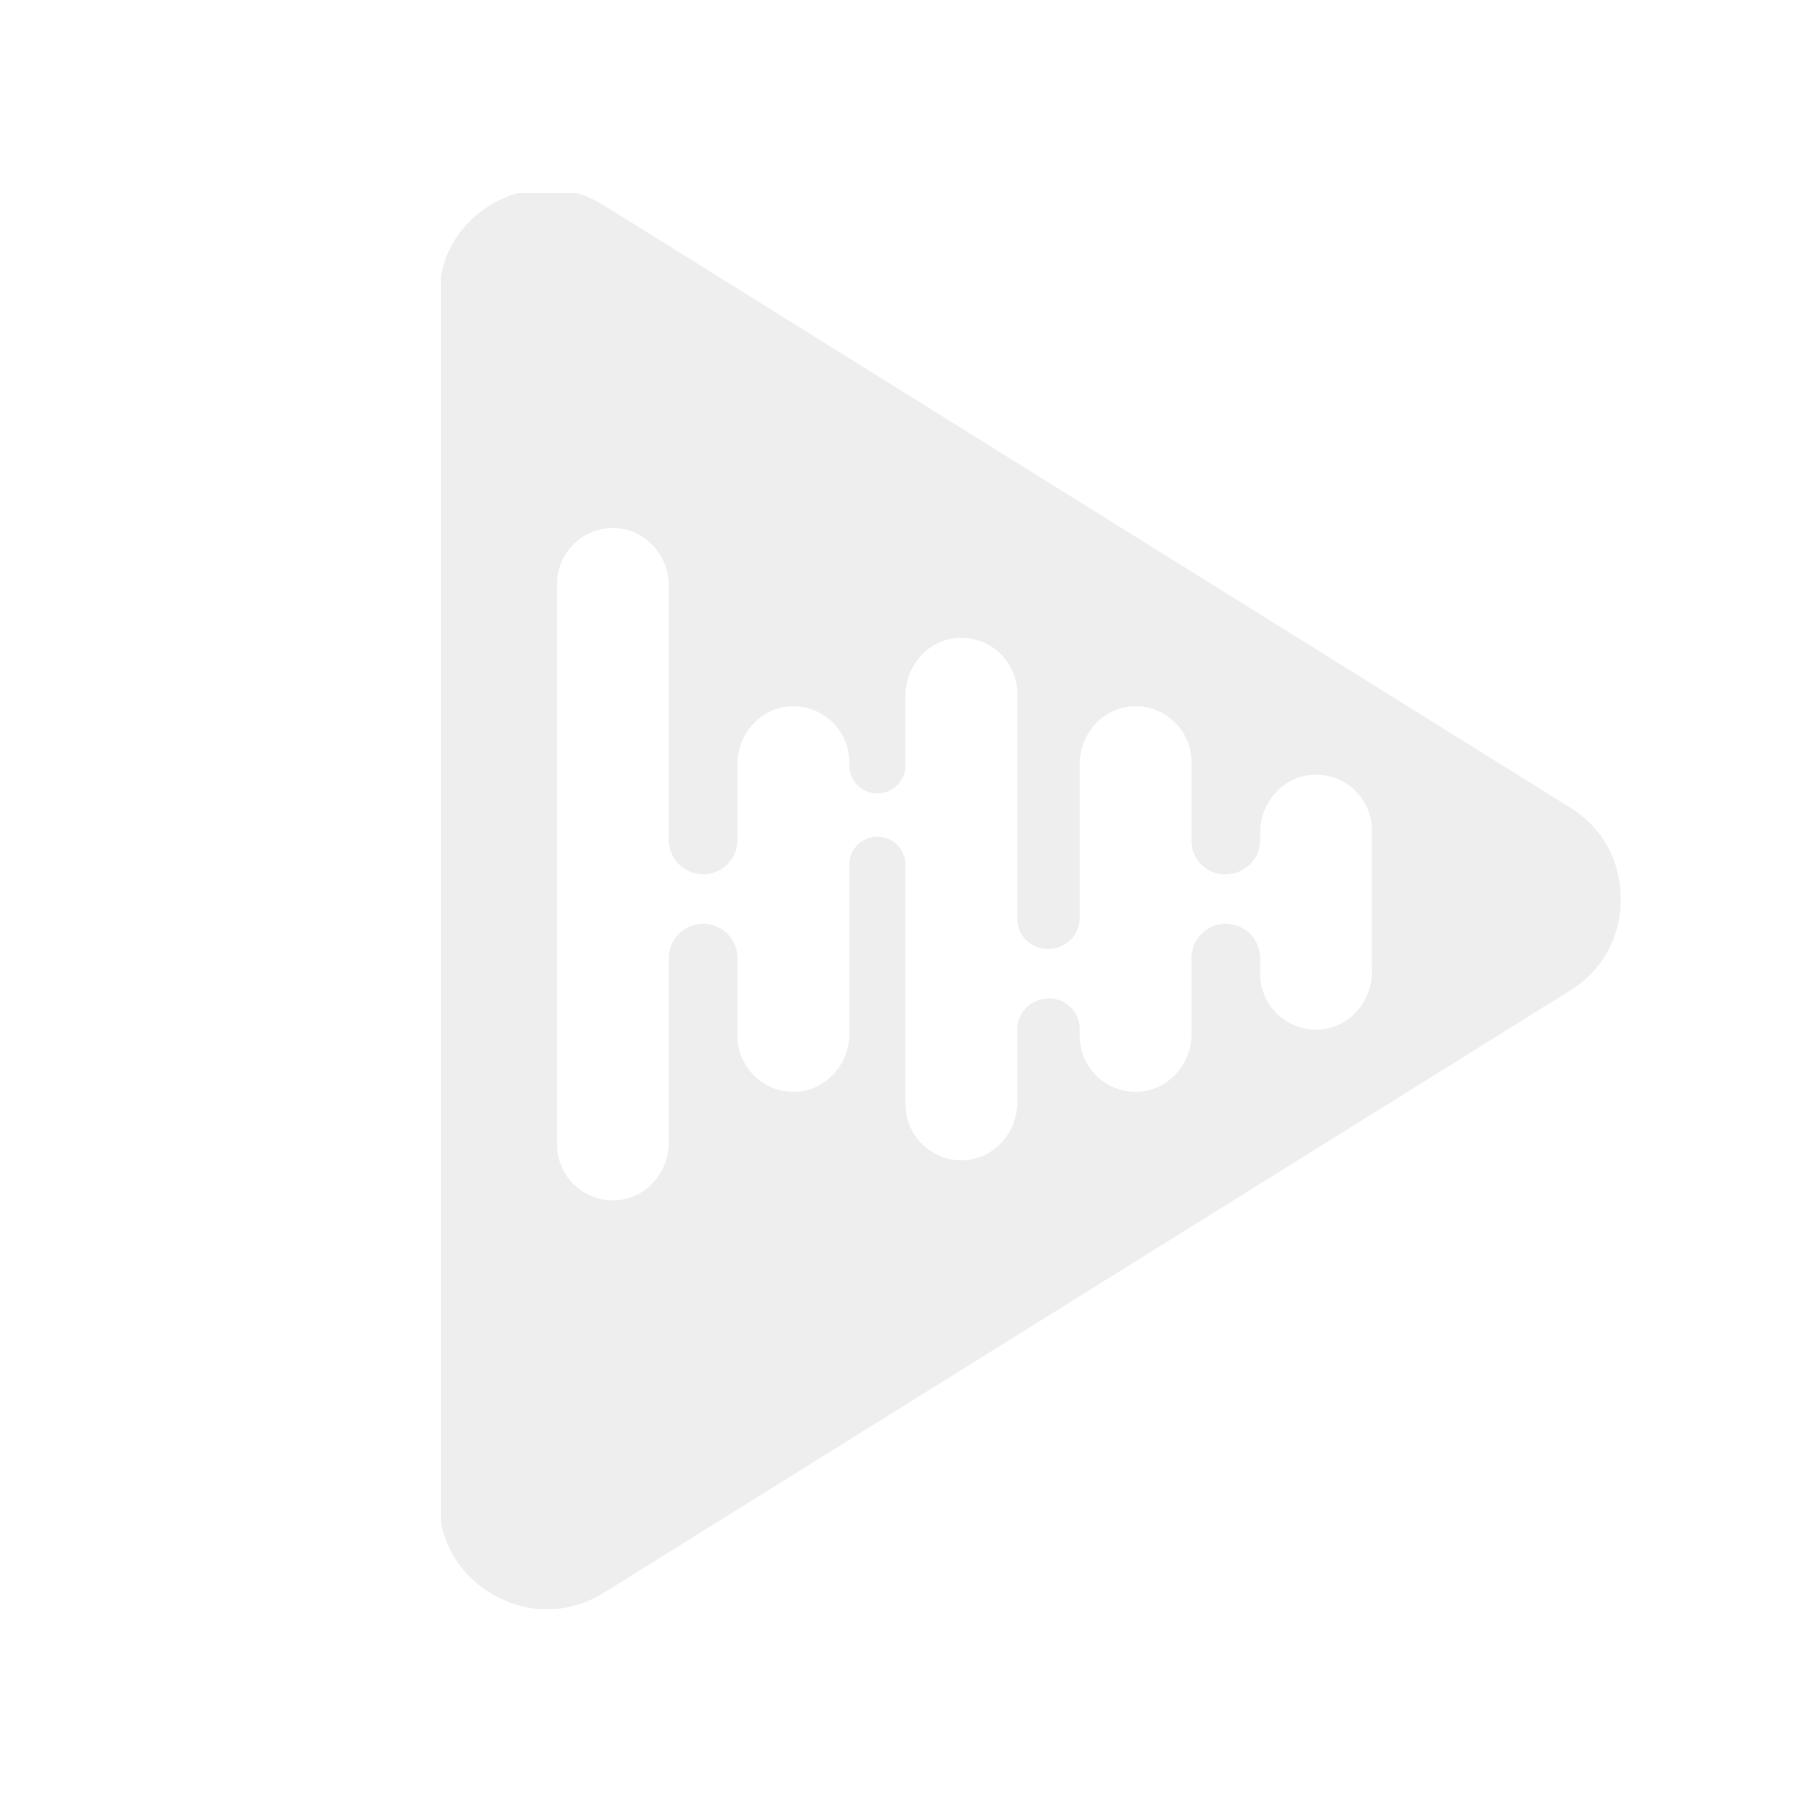 Incartec CA-9401